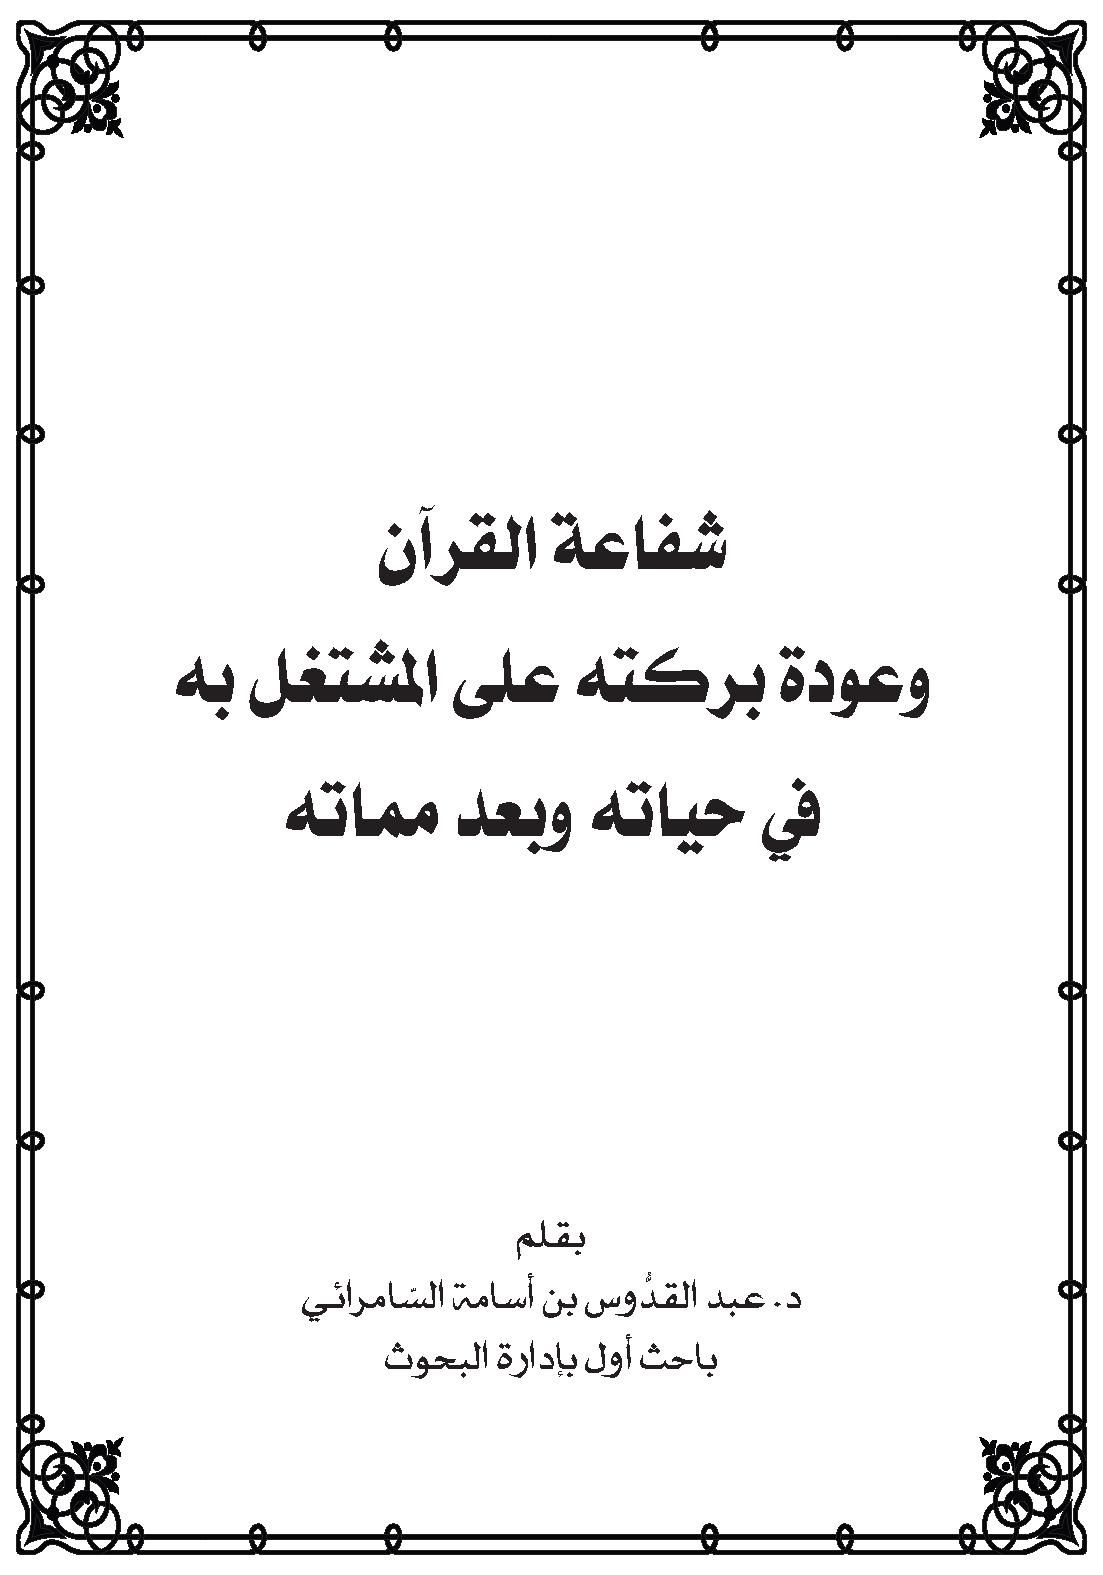 شفاعة القرآن وعودة بركته على المشتغل به في حياته وبعد مماته - عبد القدوس بن أسامة السامرائي